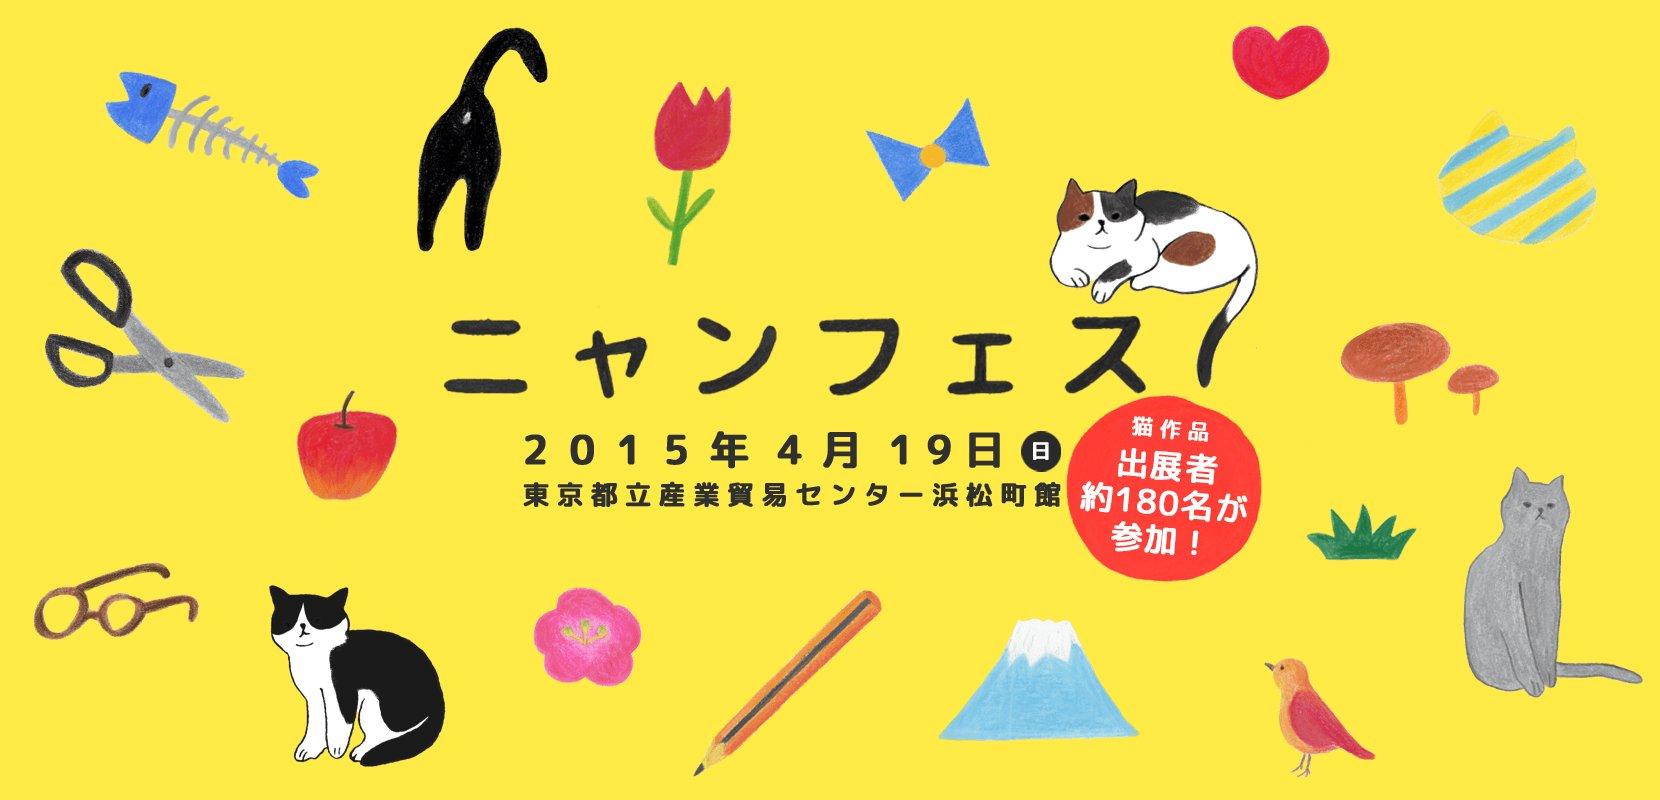 【猫イベント】猫グッズが大集合!?猫クリエーターによる猫の祭典「ニャンフェス」